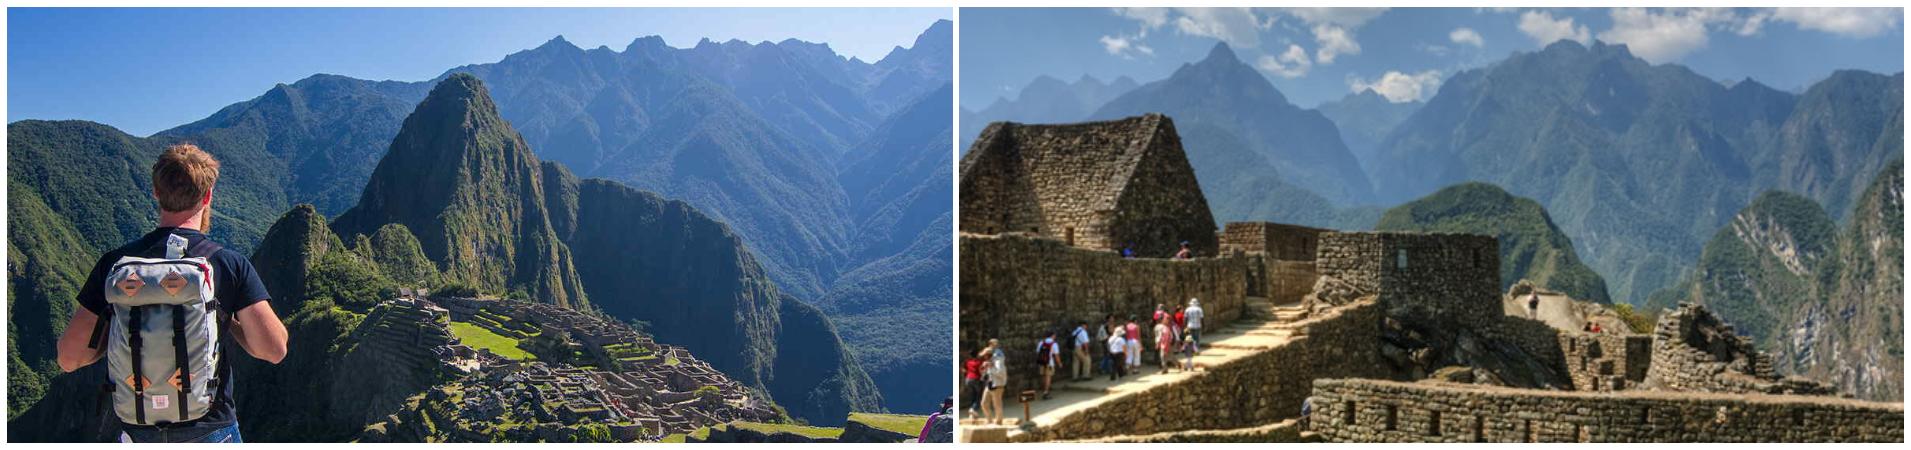 Tours Machu picchu 1 dia desde Cusco